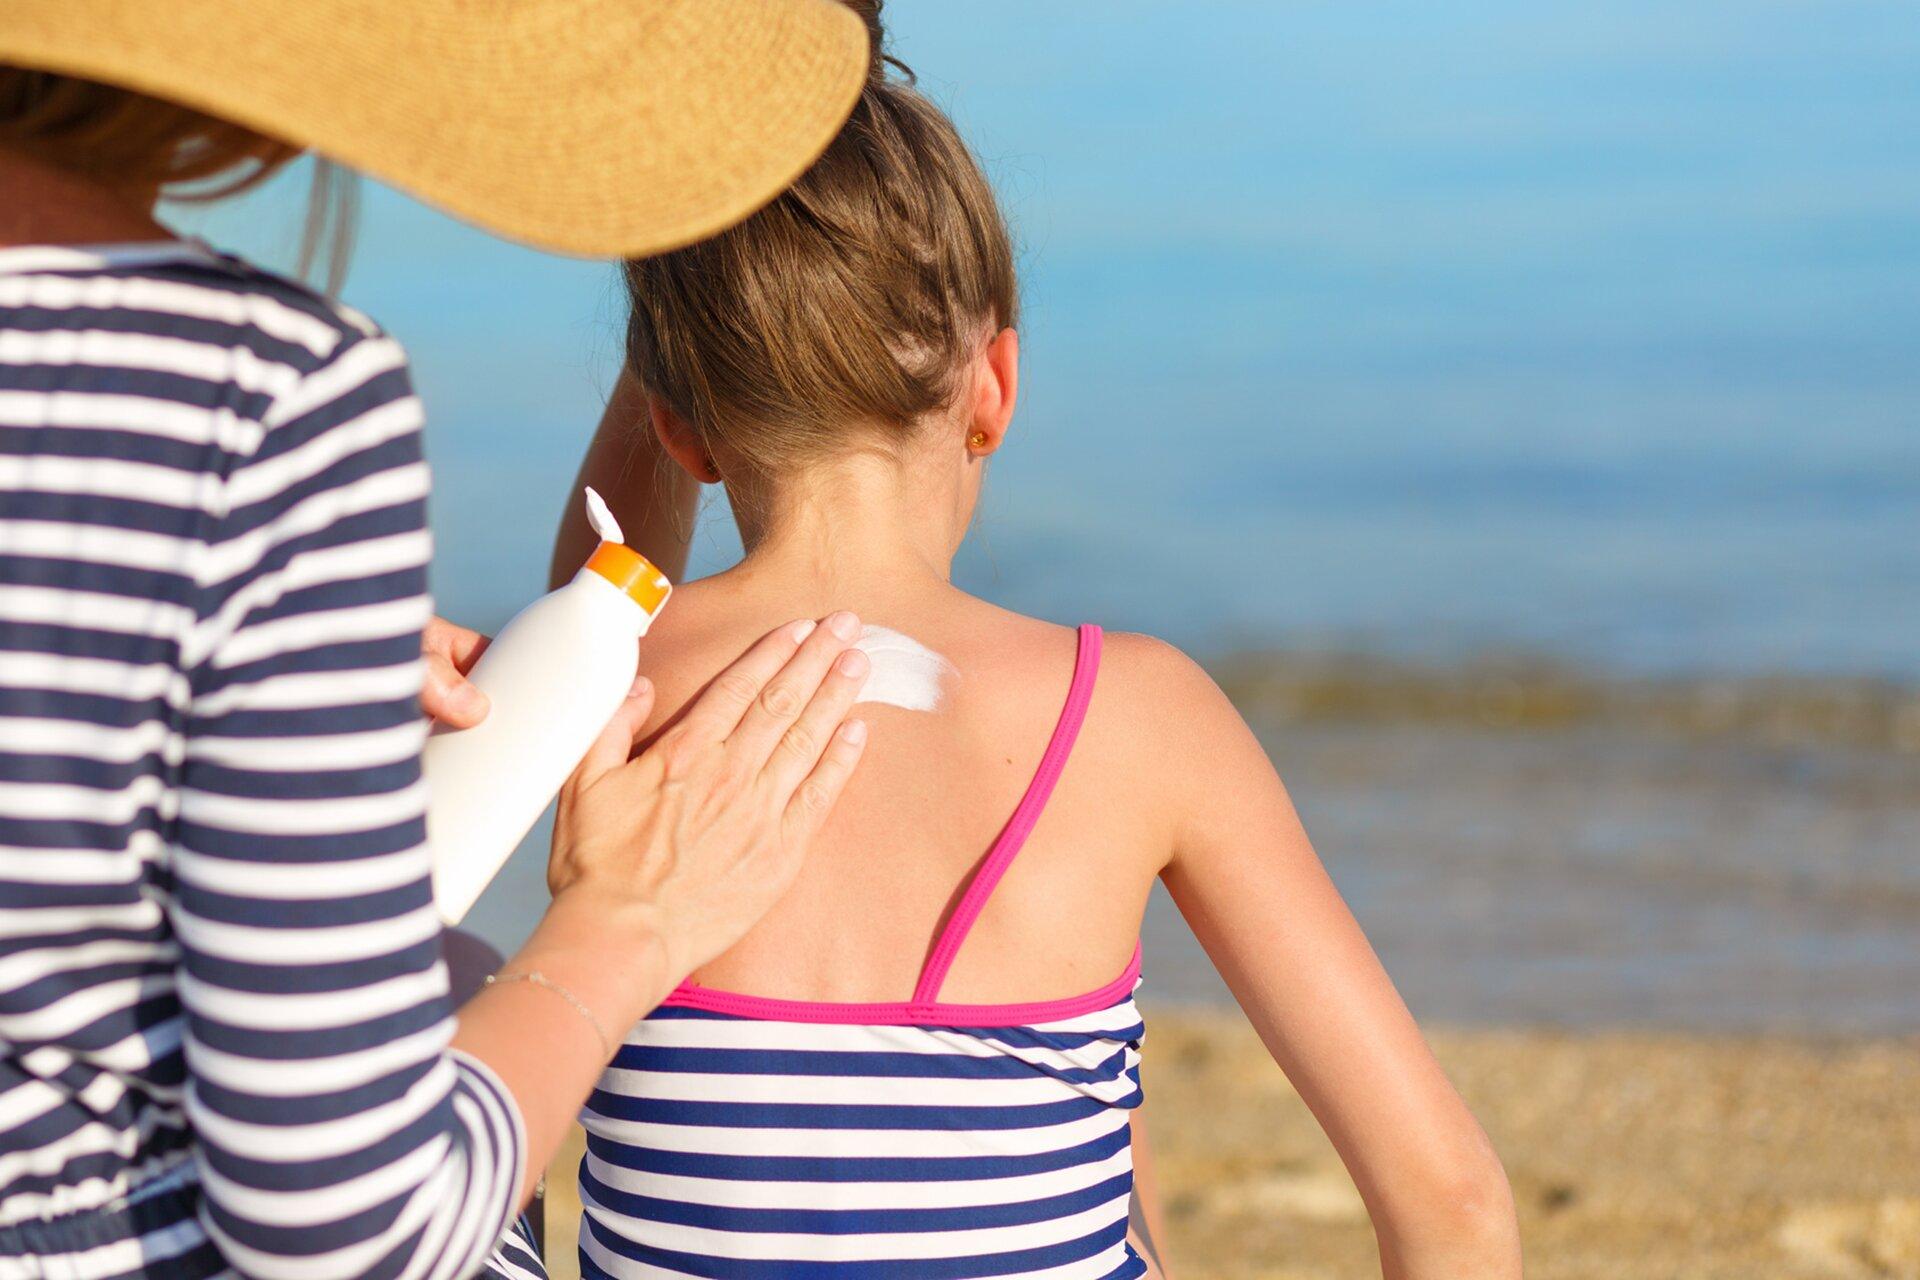 Fotografia prezentuje kobietę idziewczynkę siedzące na plaży. Kobieta smaruje białym kremem plecy dziewczynki.